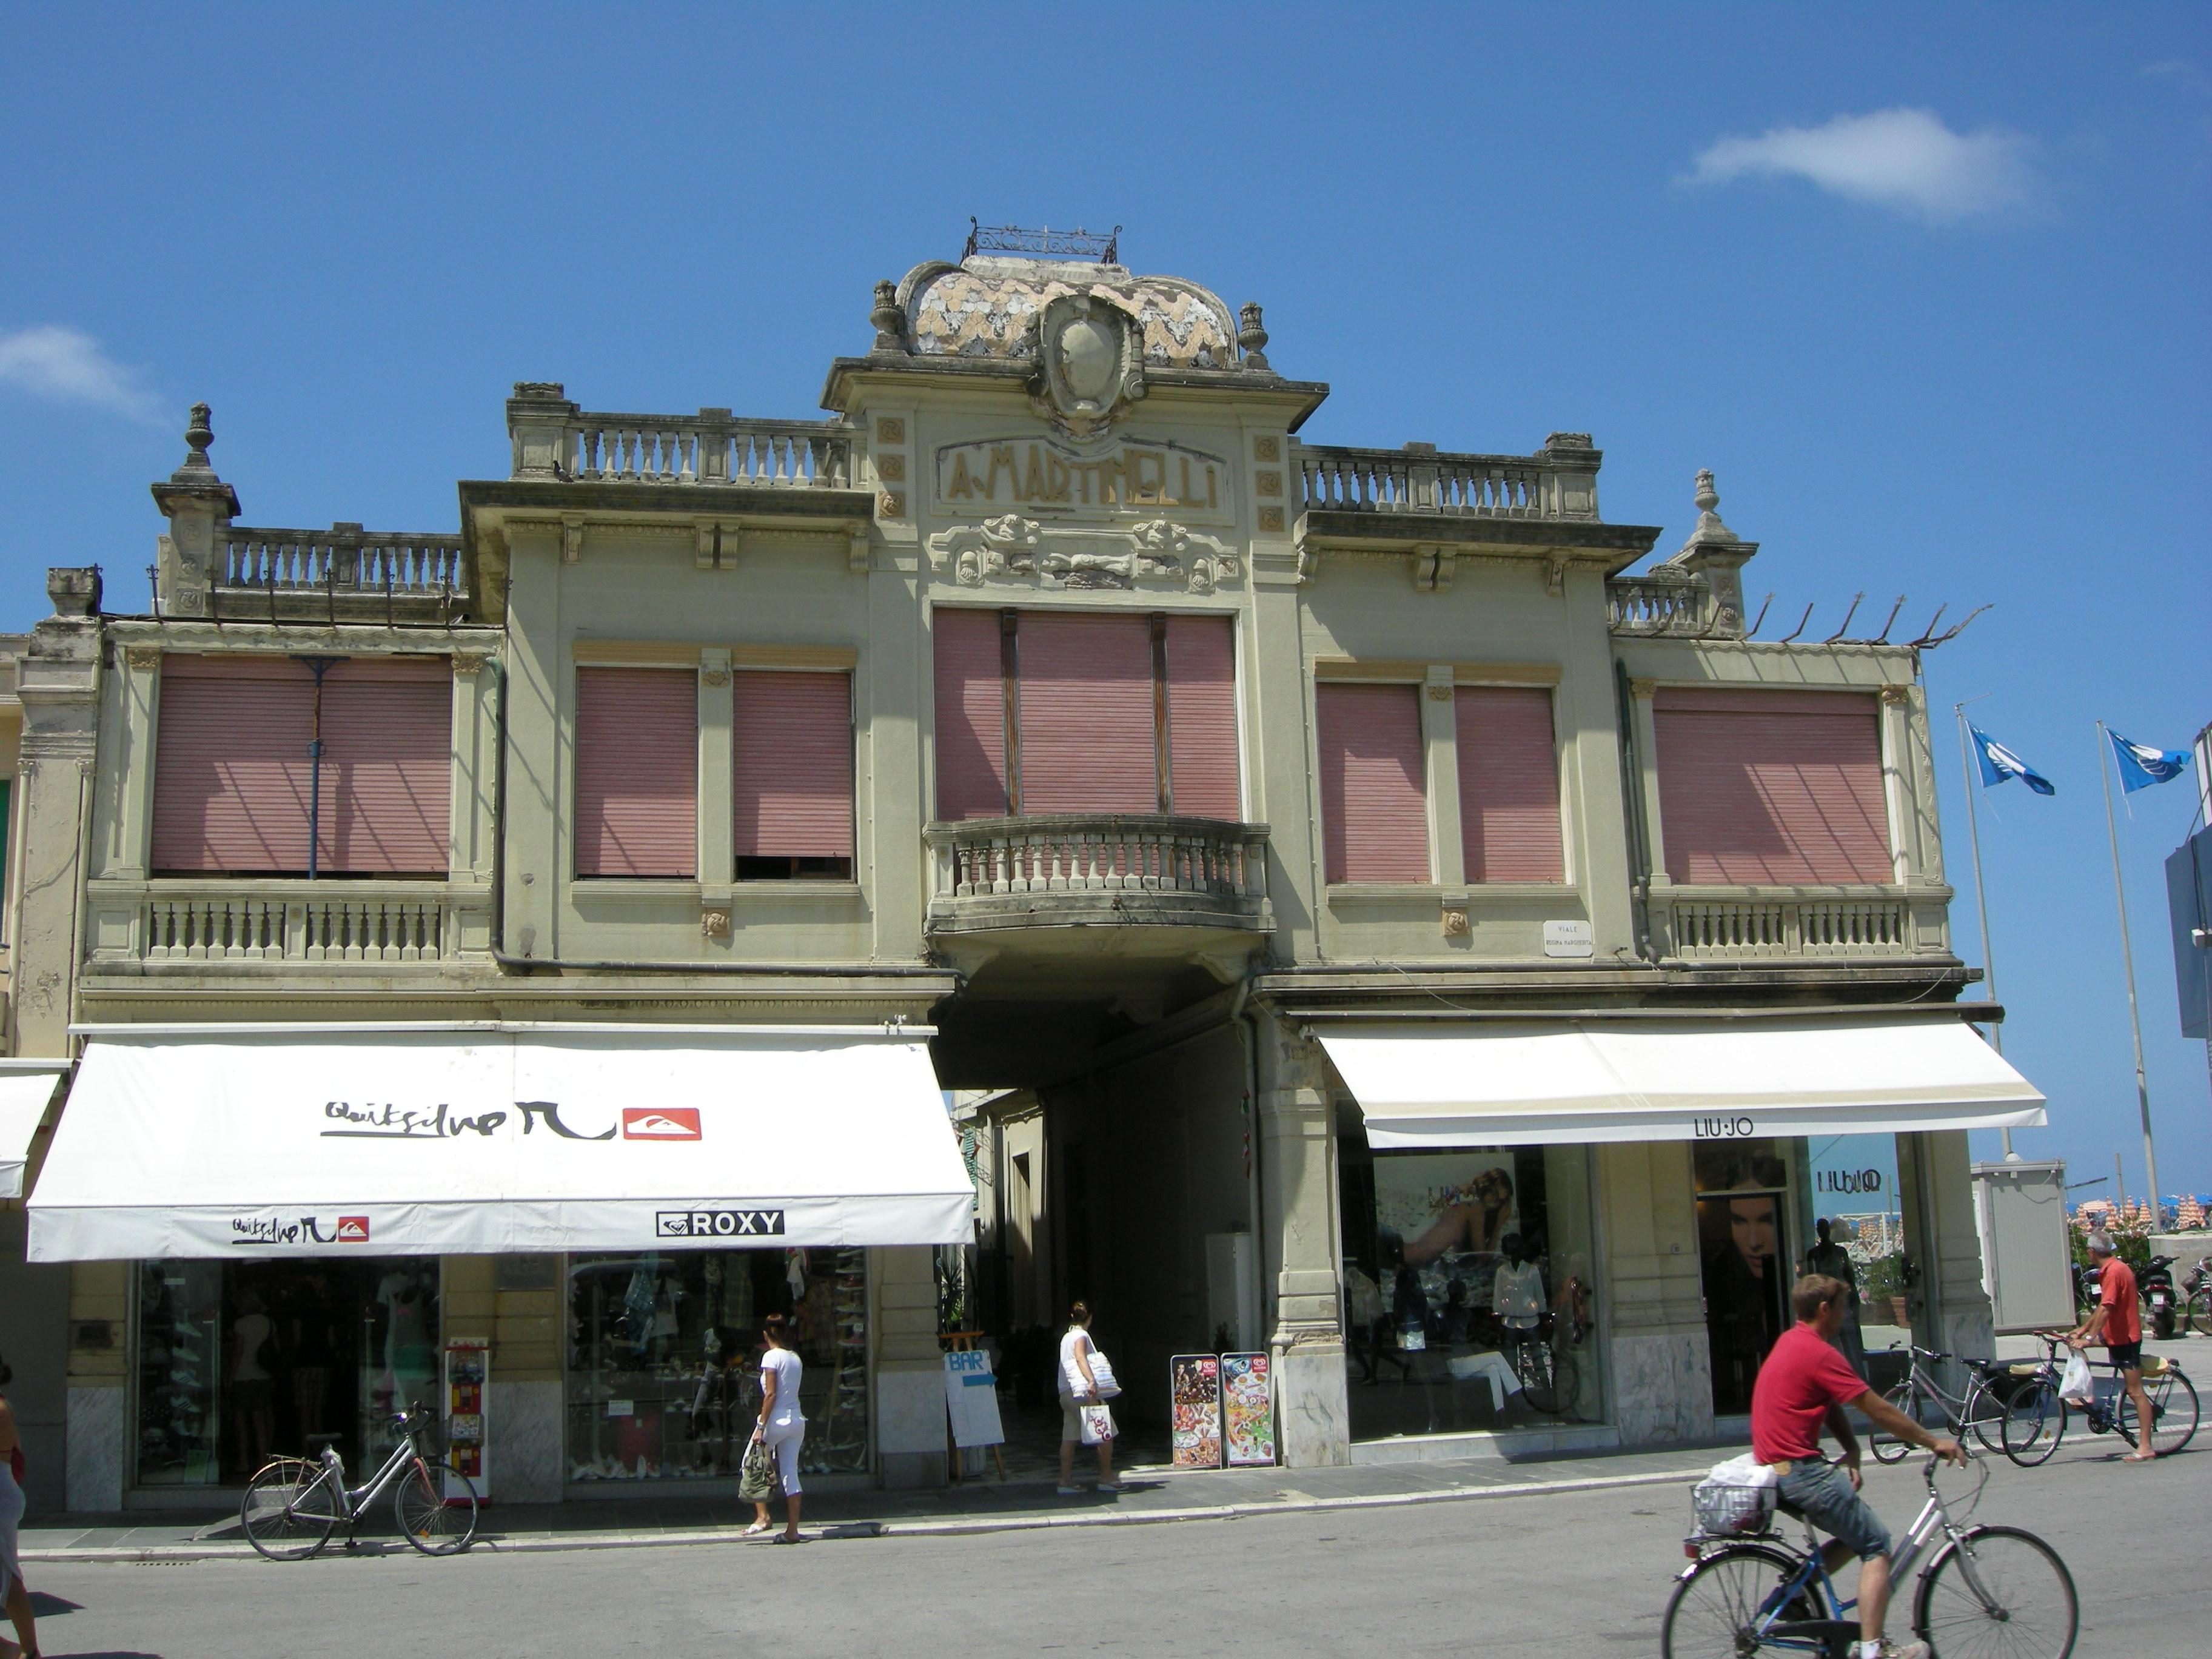 File passeggiata di viareggio 17 bagno martinelli jpg wikimedia commons - Bagno amedea viareggio ...